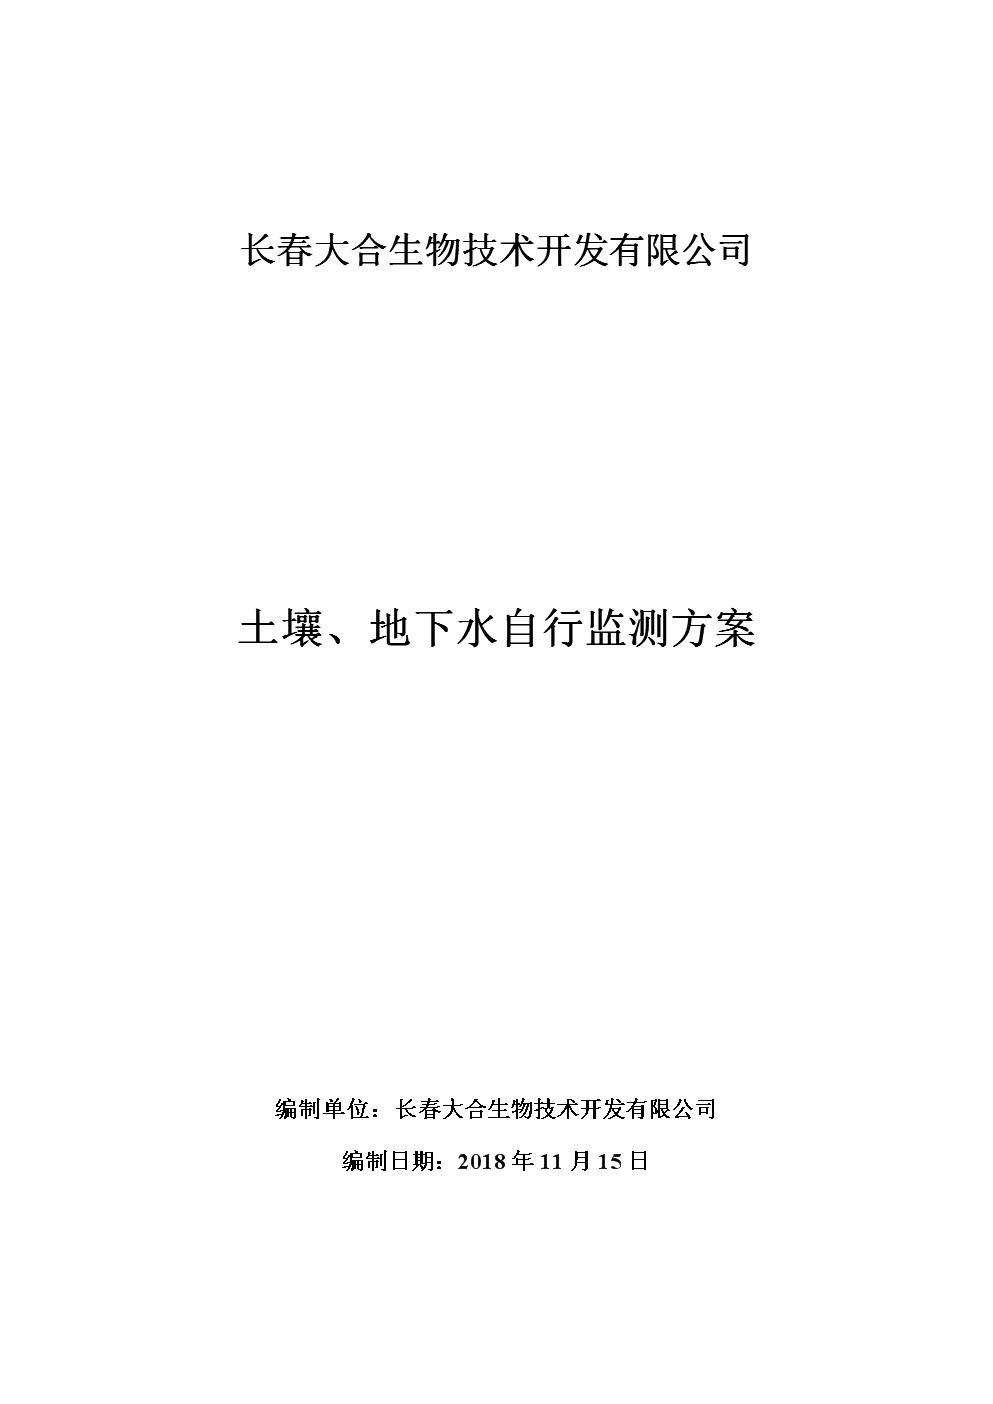 長春大合生物技術開發有限公司.doc